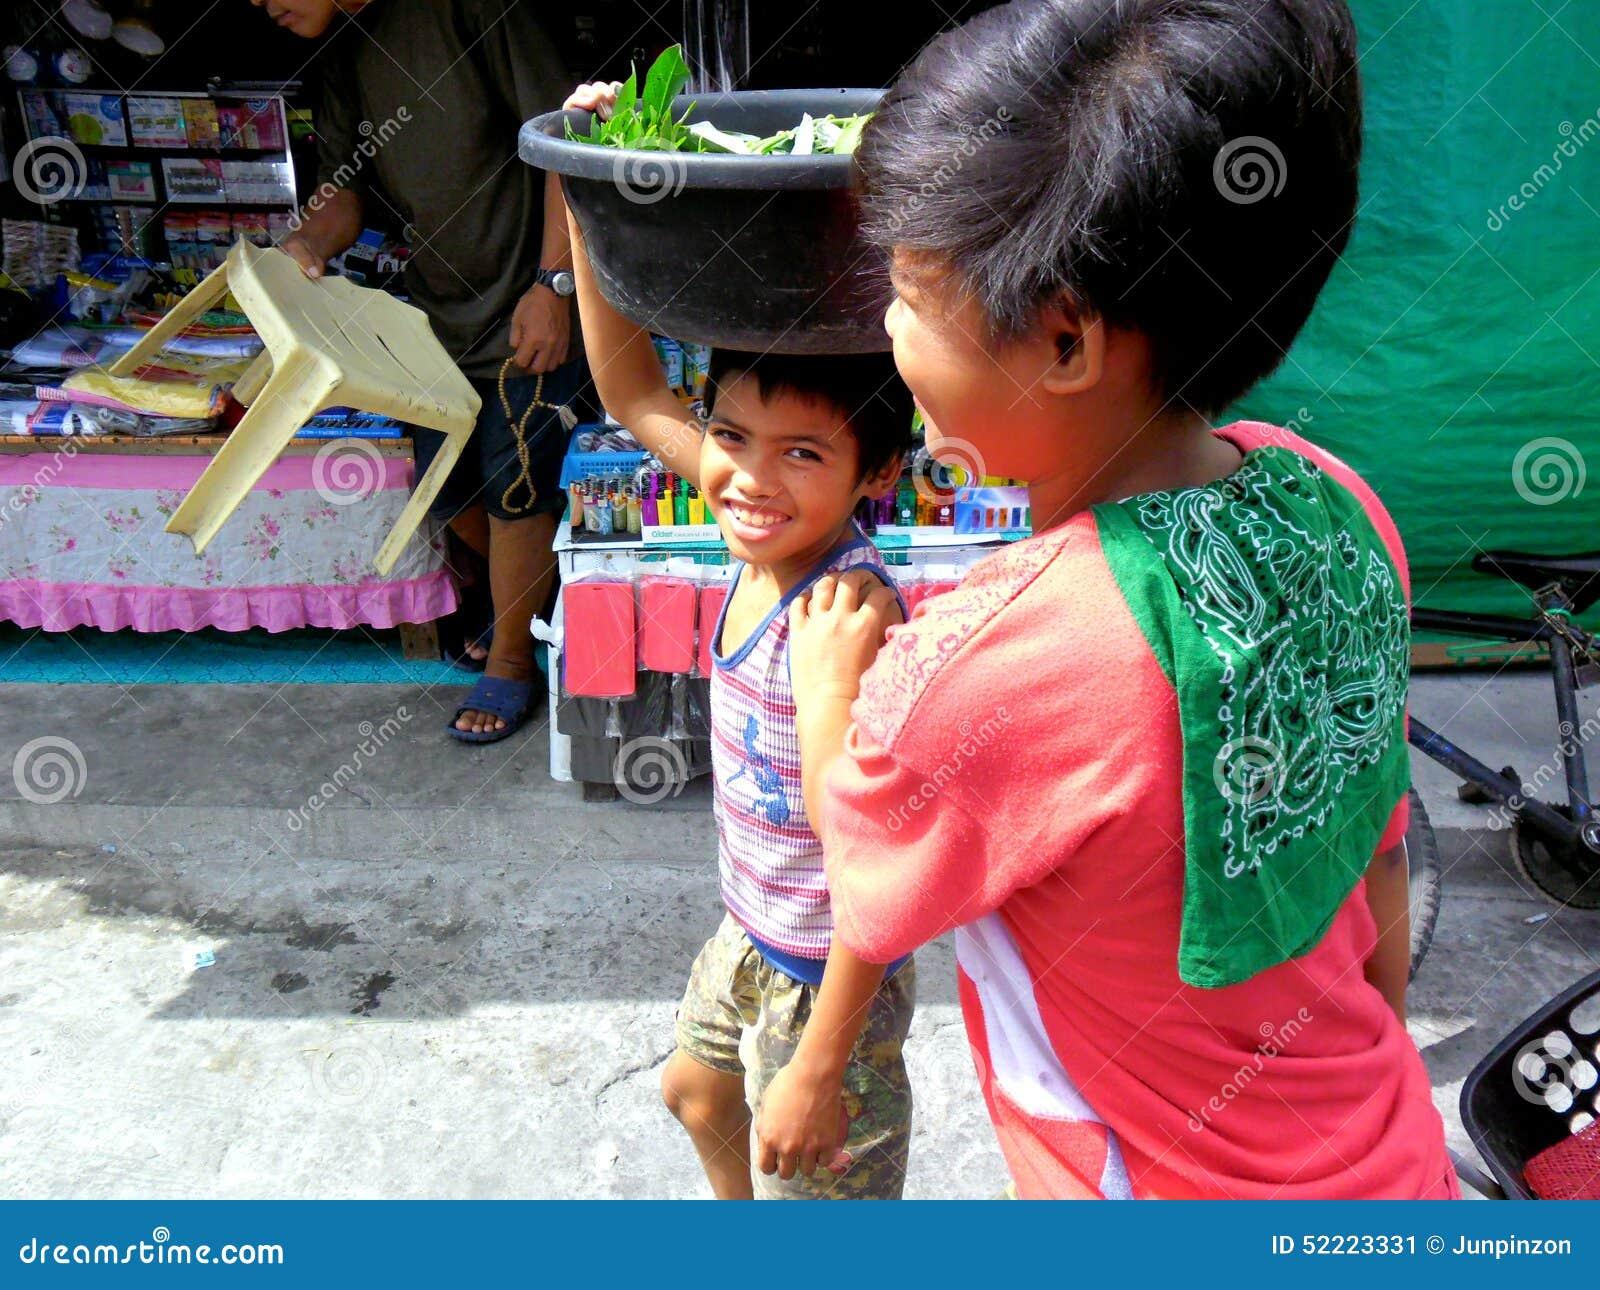 Jeunes garçons sur un marché du cainta, rizal, Philippines vendant des fruits et légumes